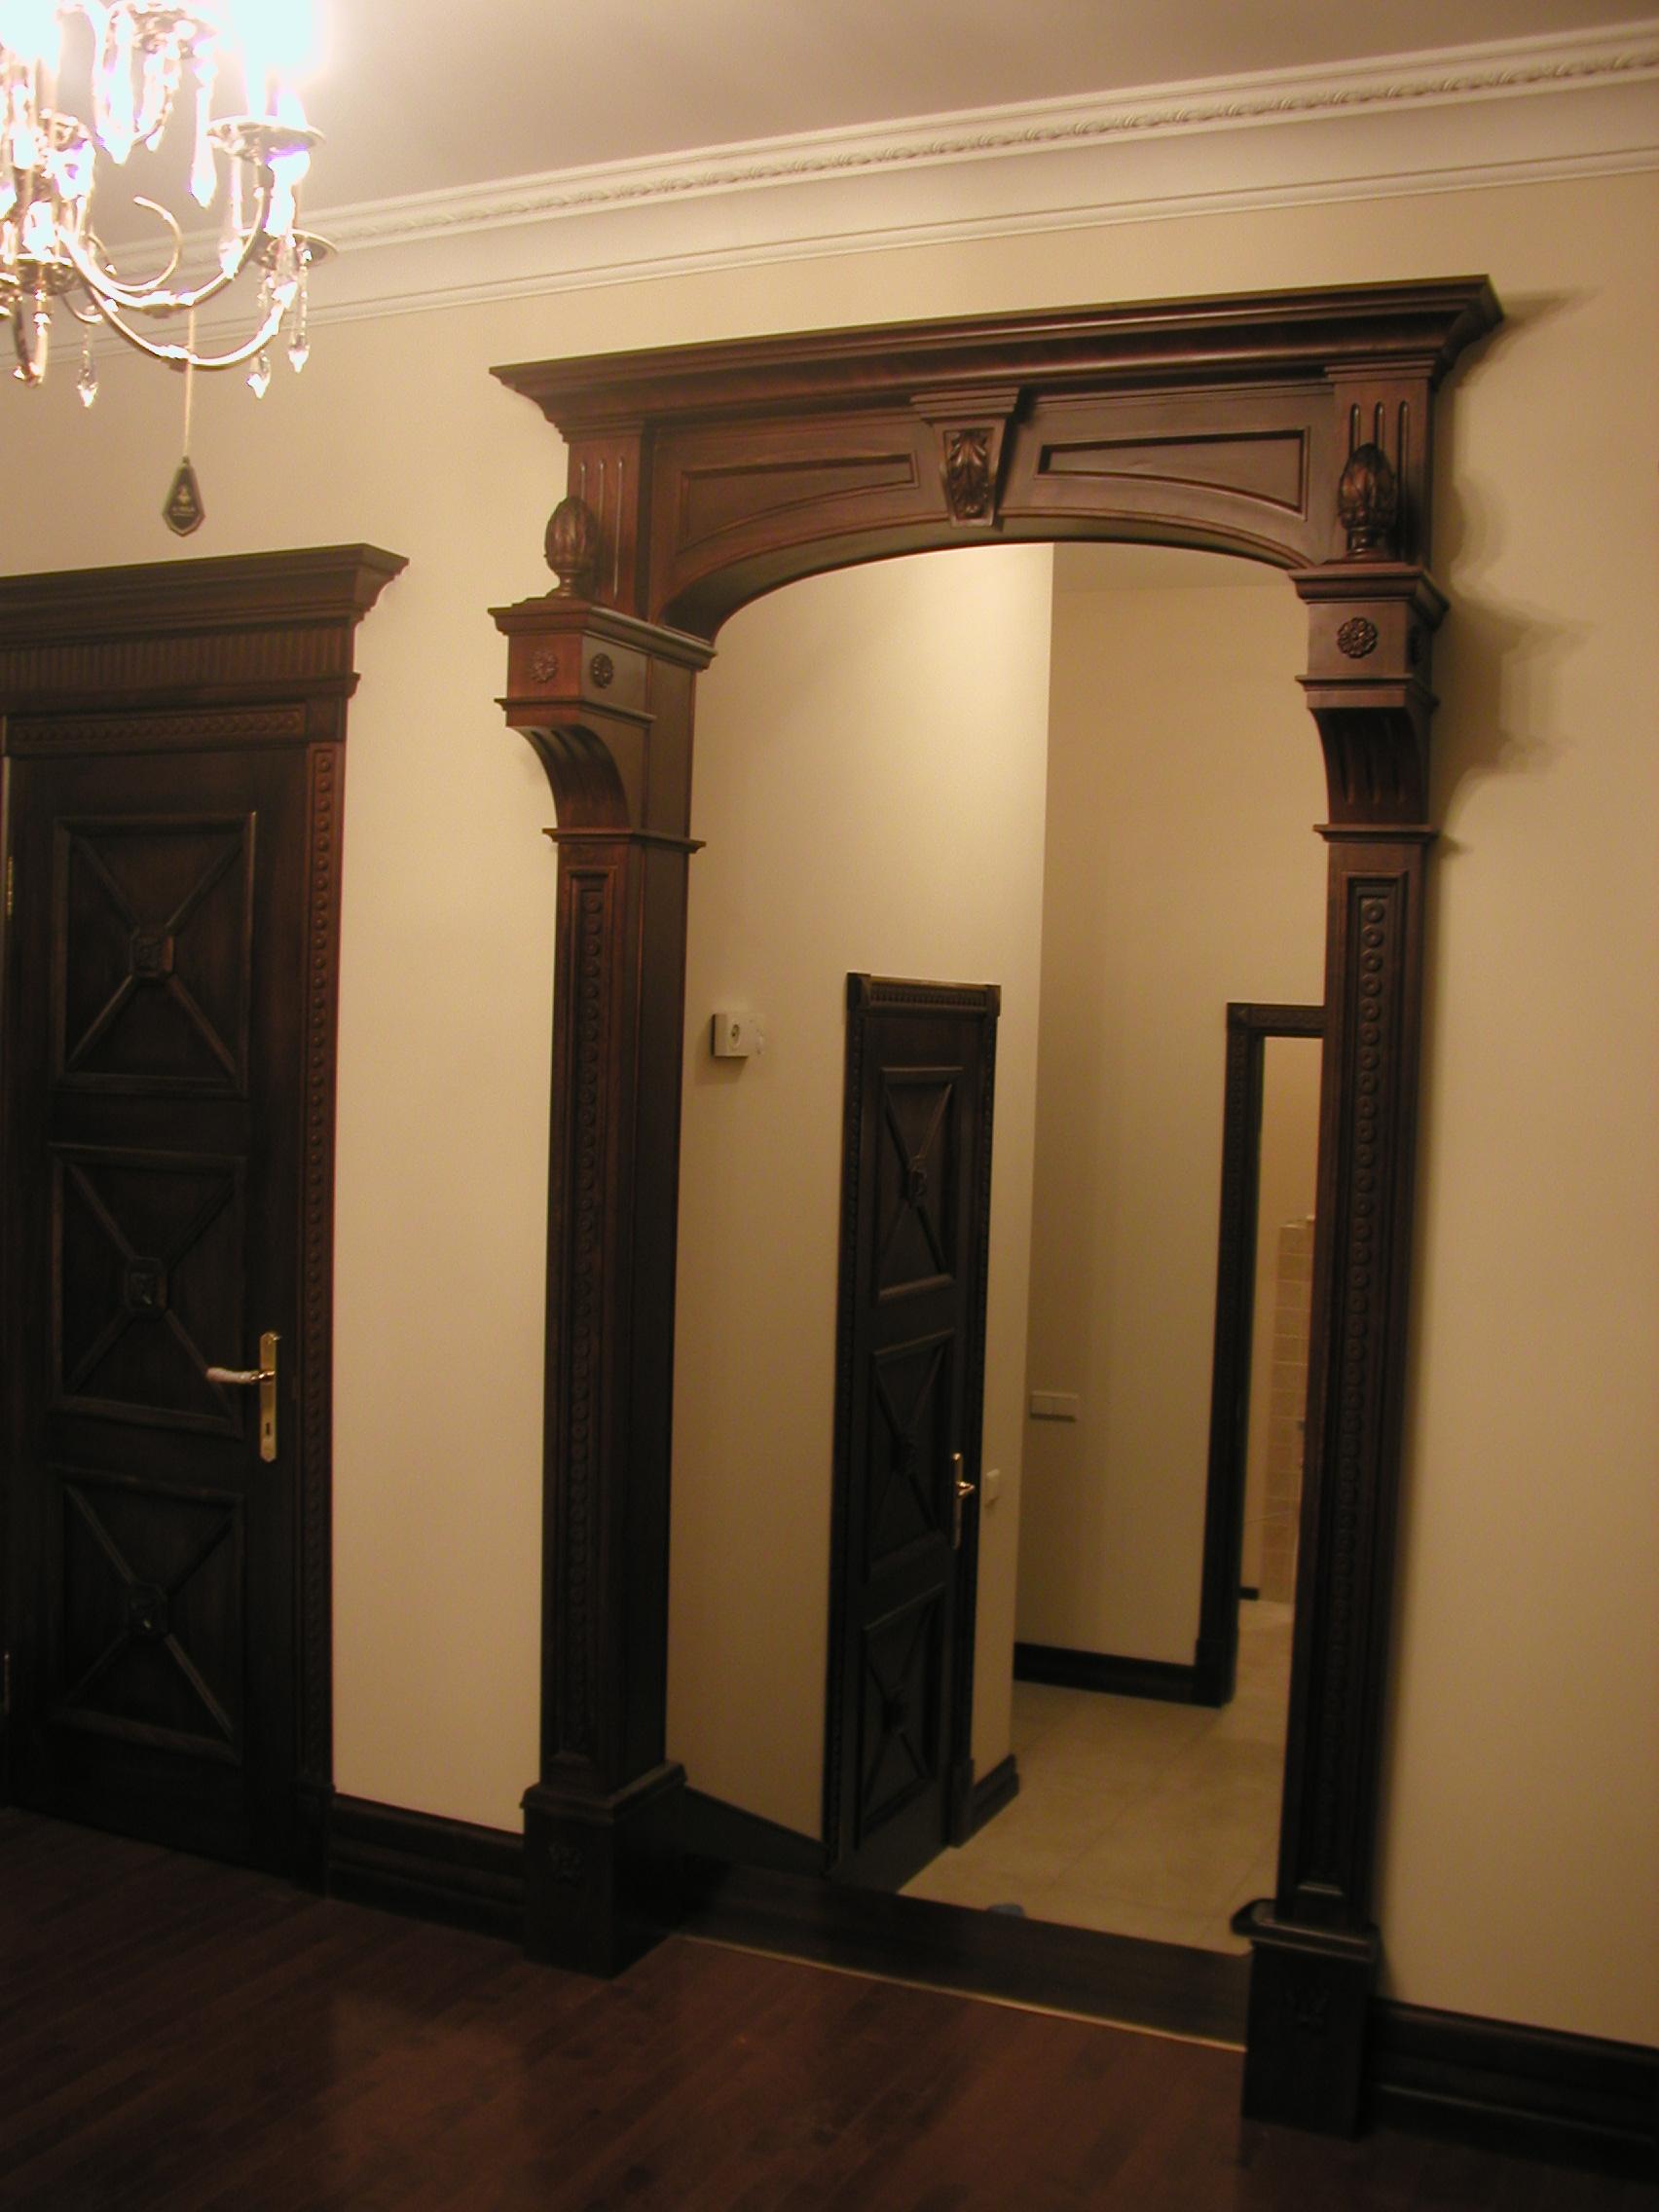 Окрашивание деревянного дома бруса картинка вертикально сверху